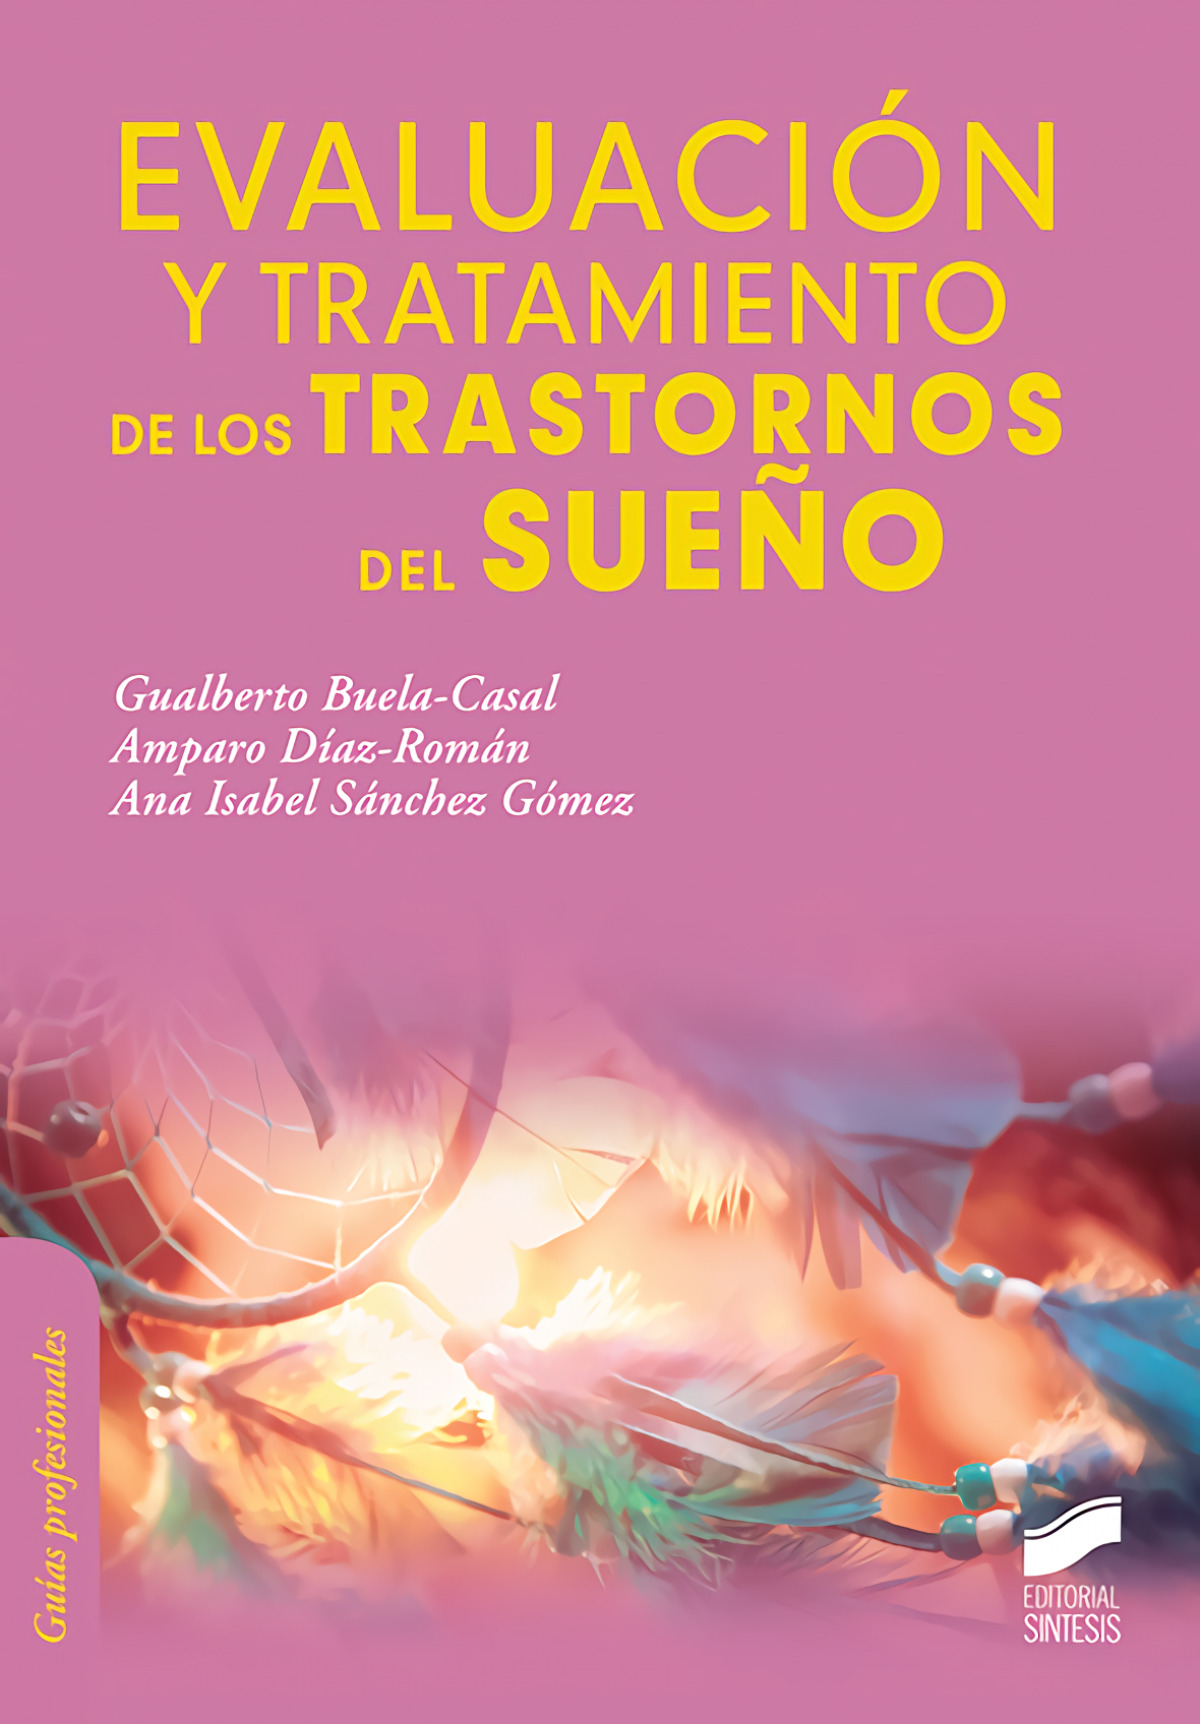 EVALUACION Y TRATAIMENTOS DE LOS TRASTORNOS